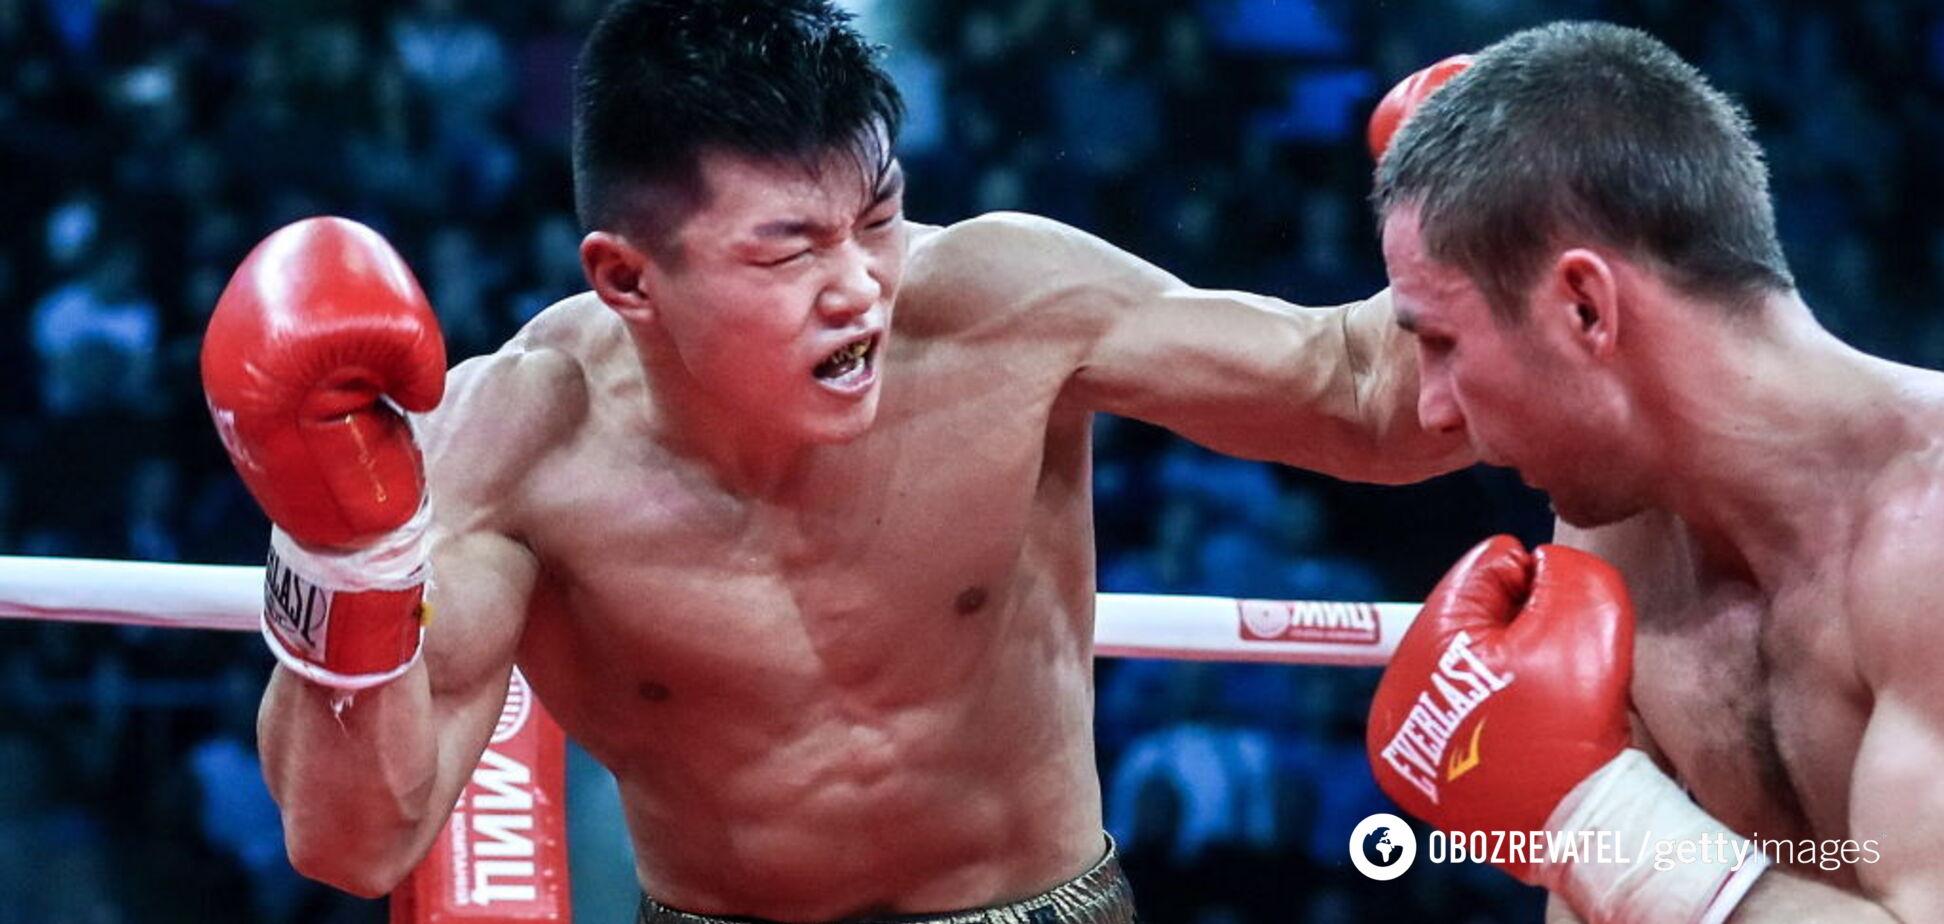 Непереможний український боксер в ефектному бою розгромив росіянина